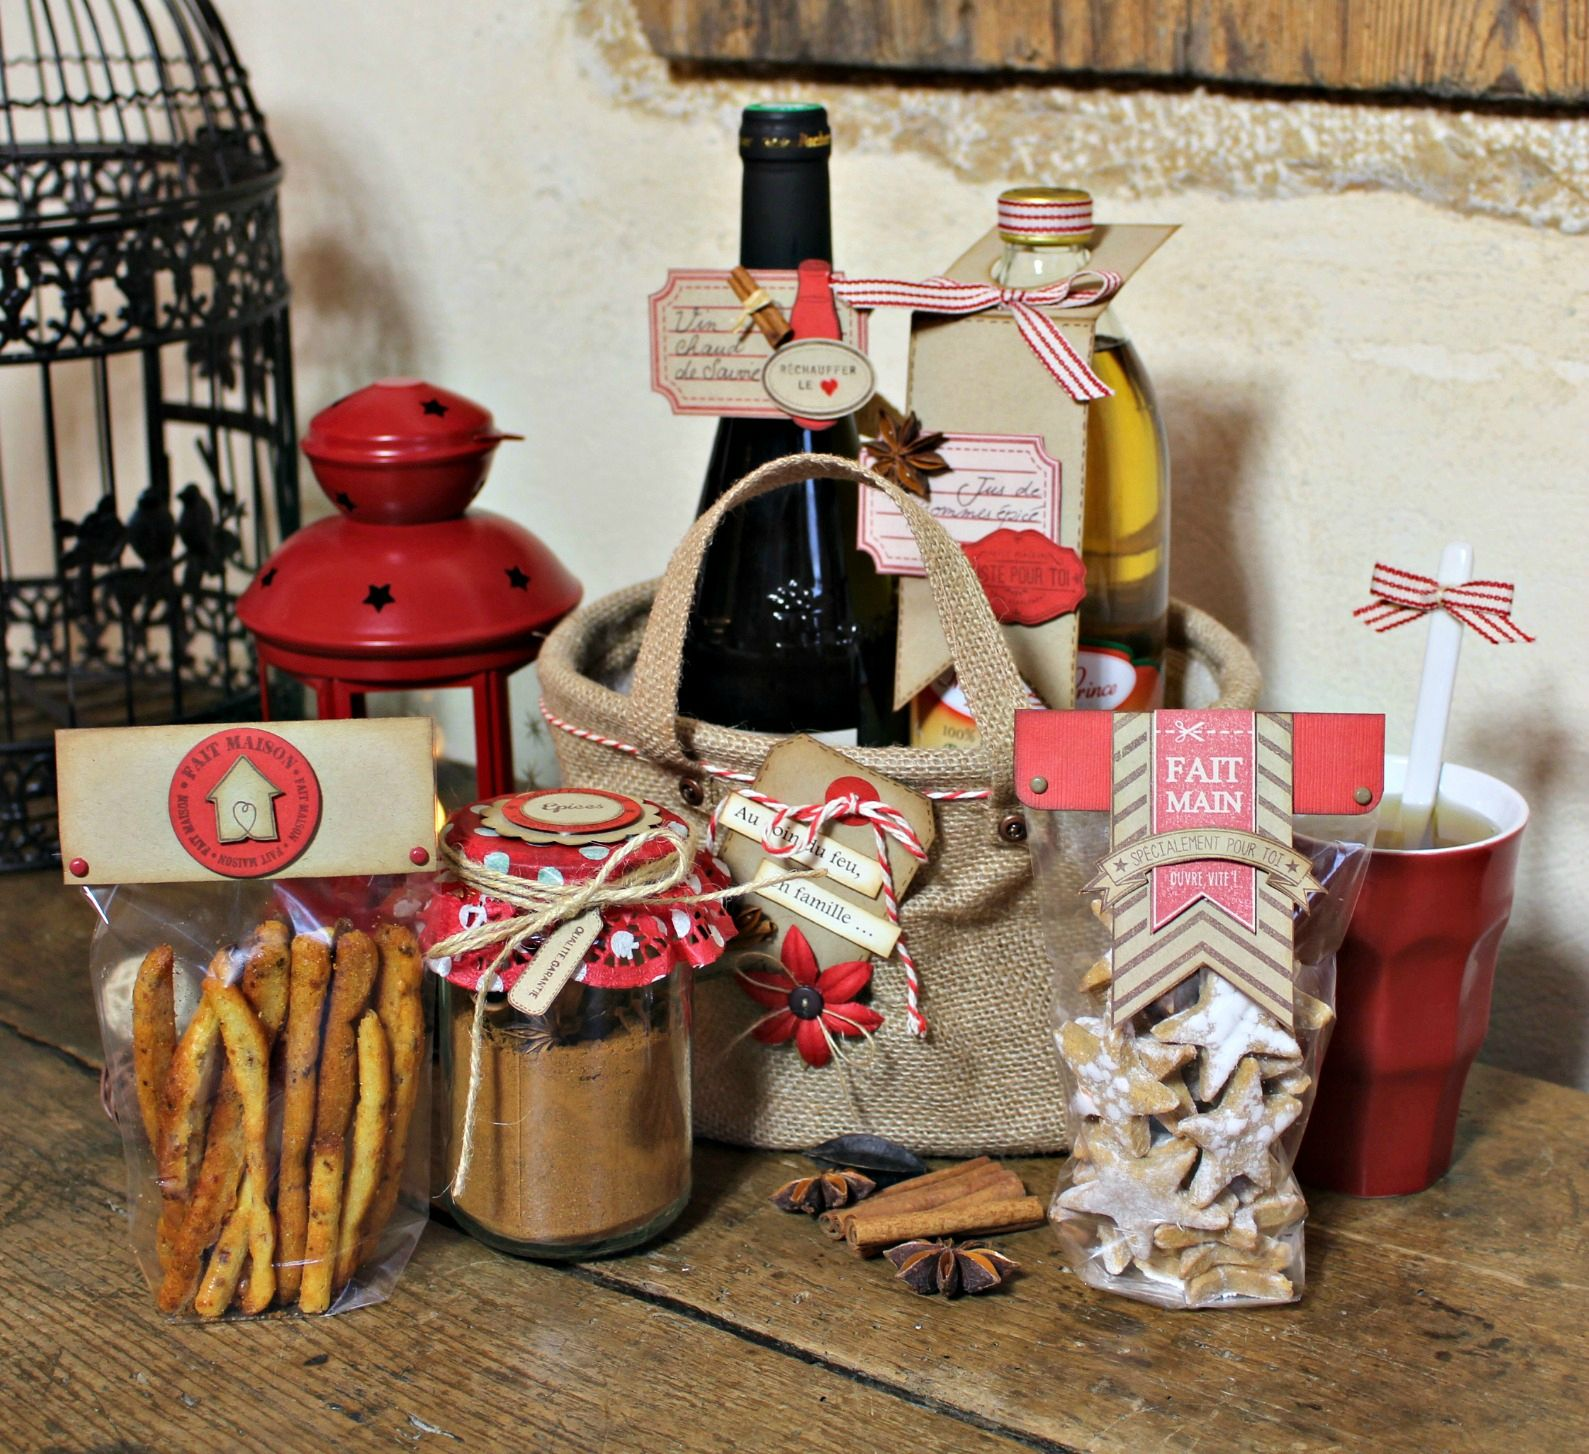 cadeaux gourmands de Noël http://cookandgift.canalblog.com/   Decoration papier, Cadeaux gourmands